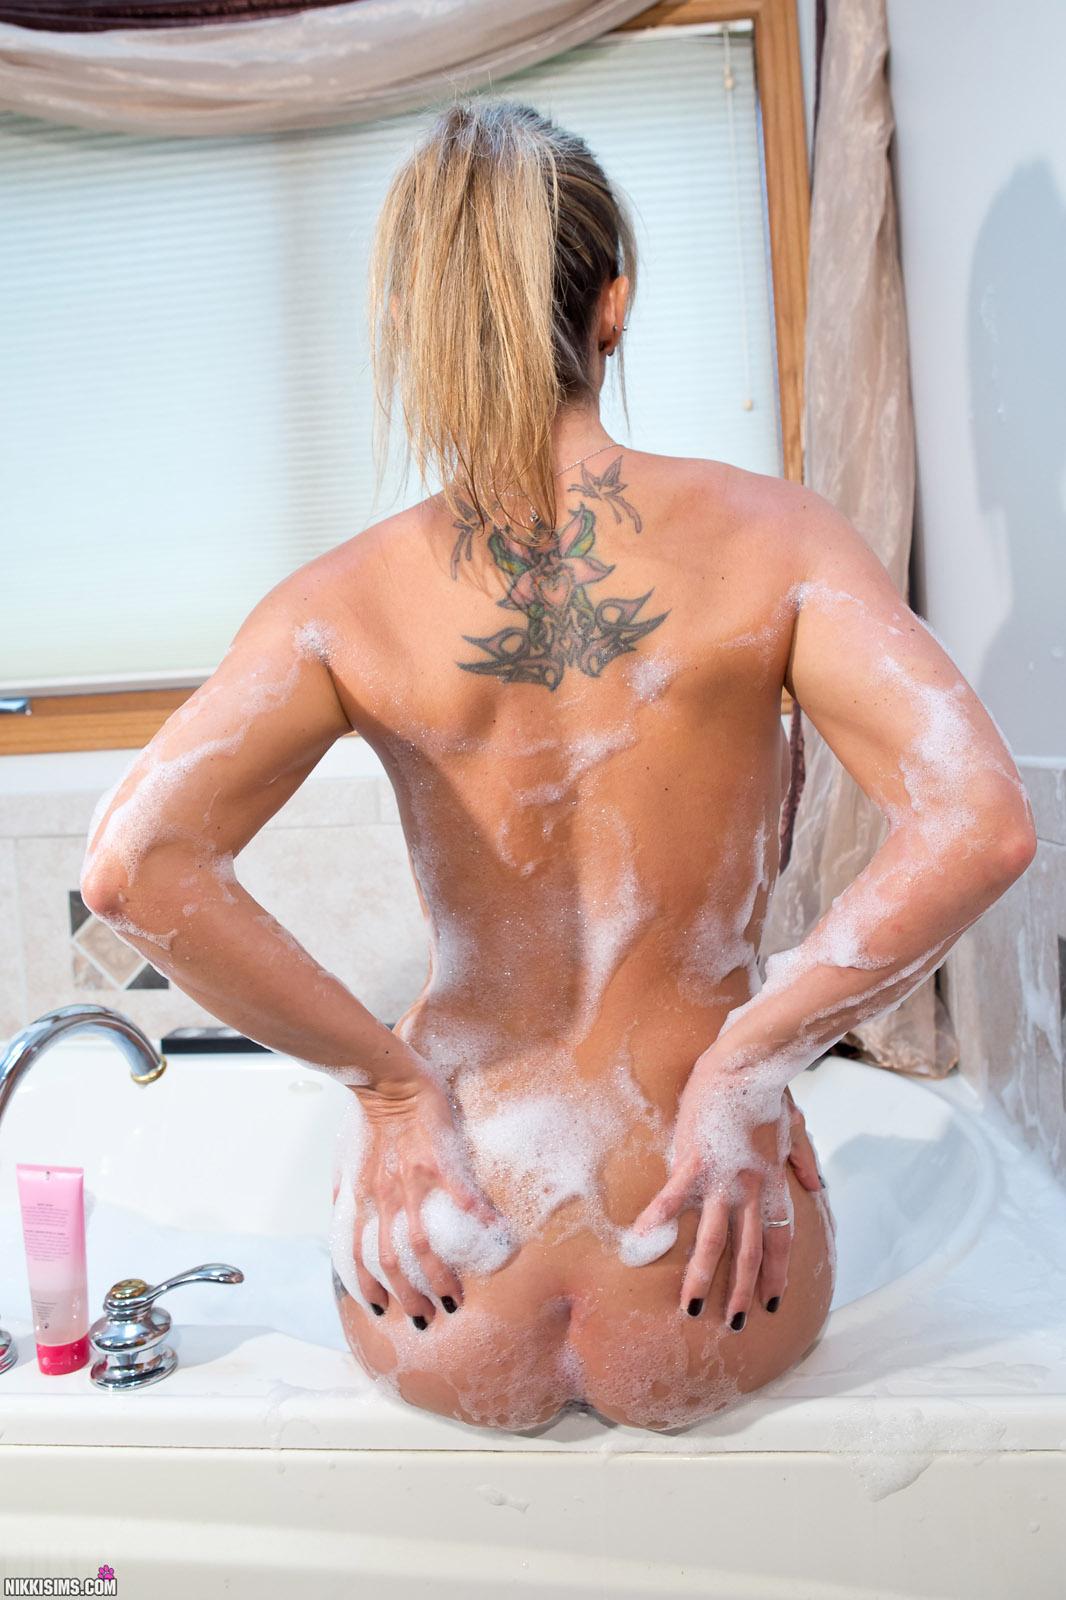 Naked nikki sims nude thanks